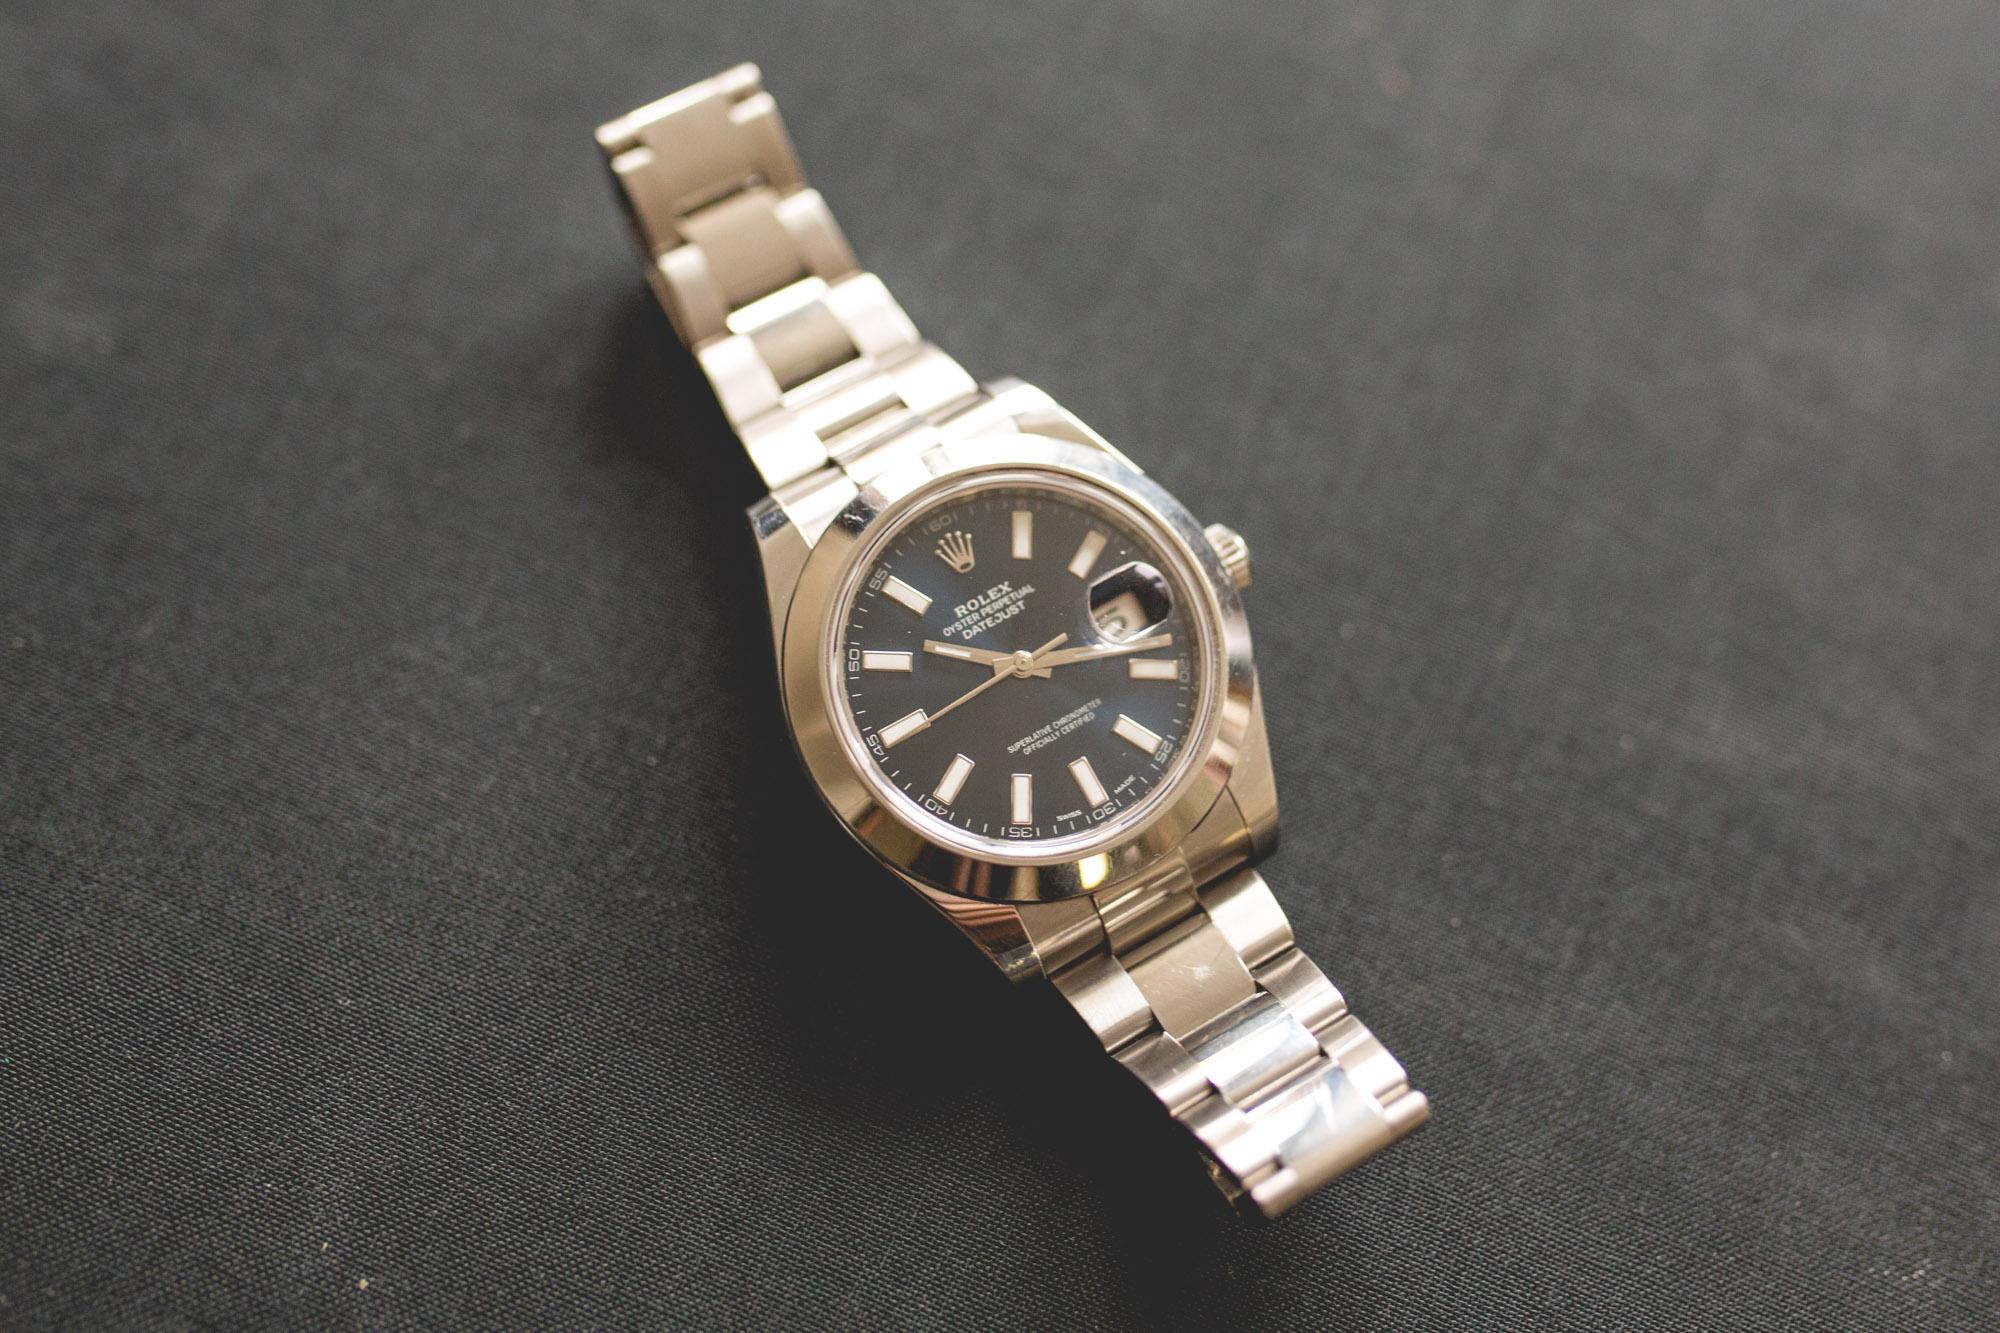 Rolex Datejust - Cadran Bleu - Detail